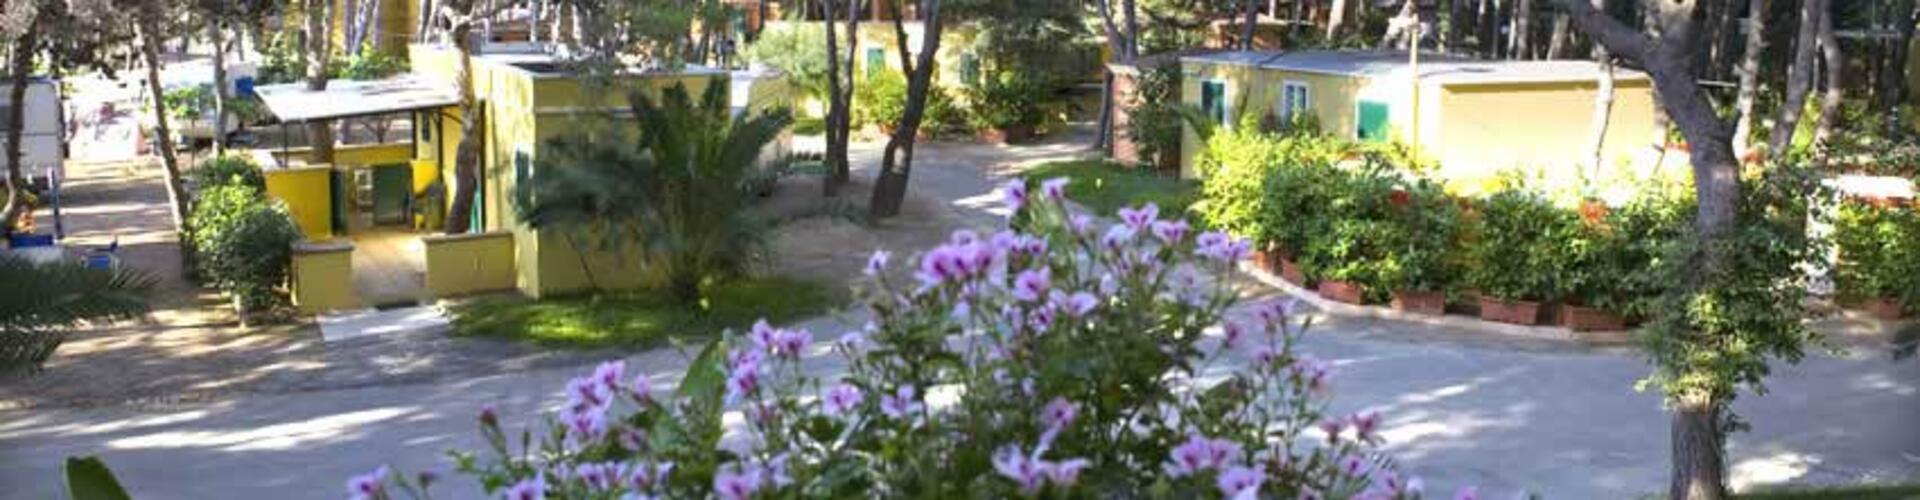 lavecchiatorregallipoli it bungalow 008